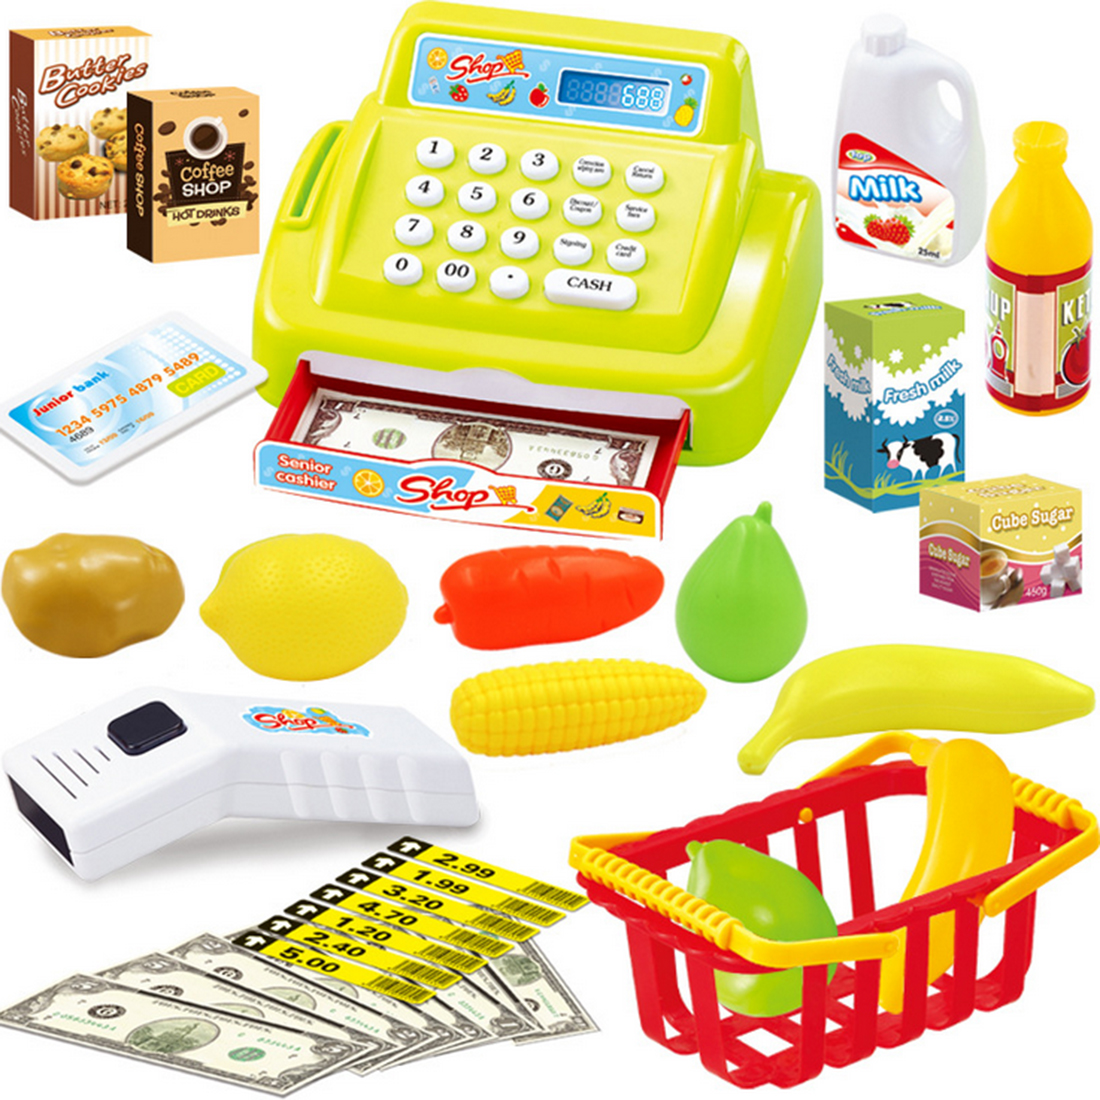 Kids Supermarket Cash Register